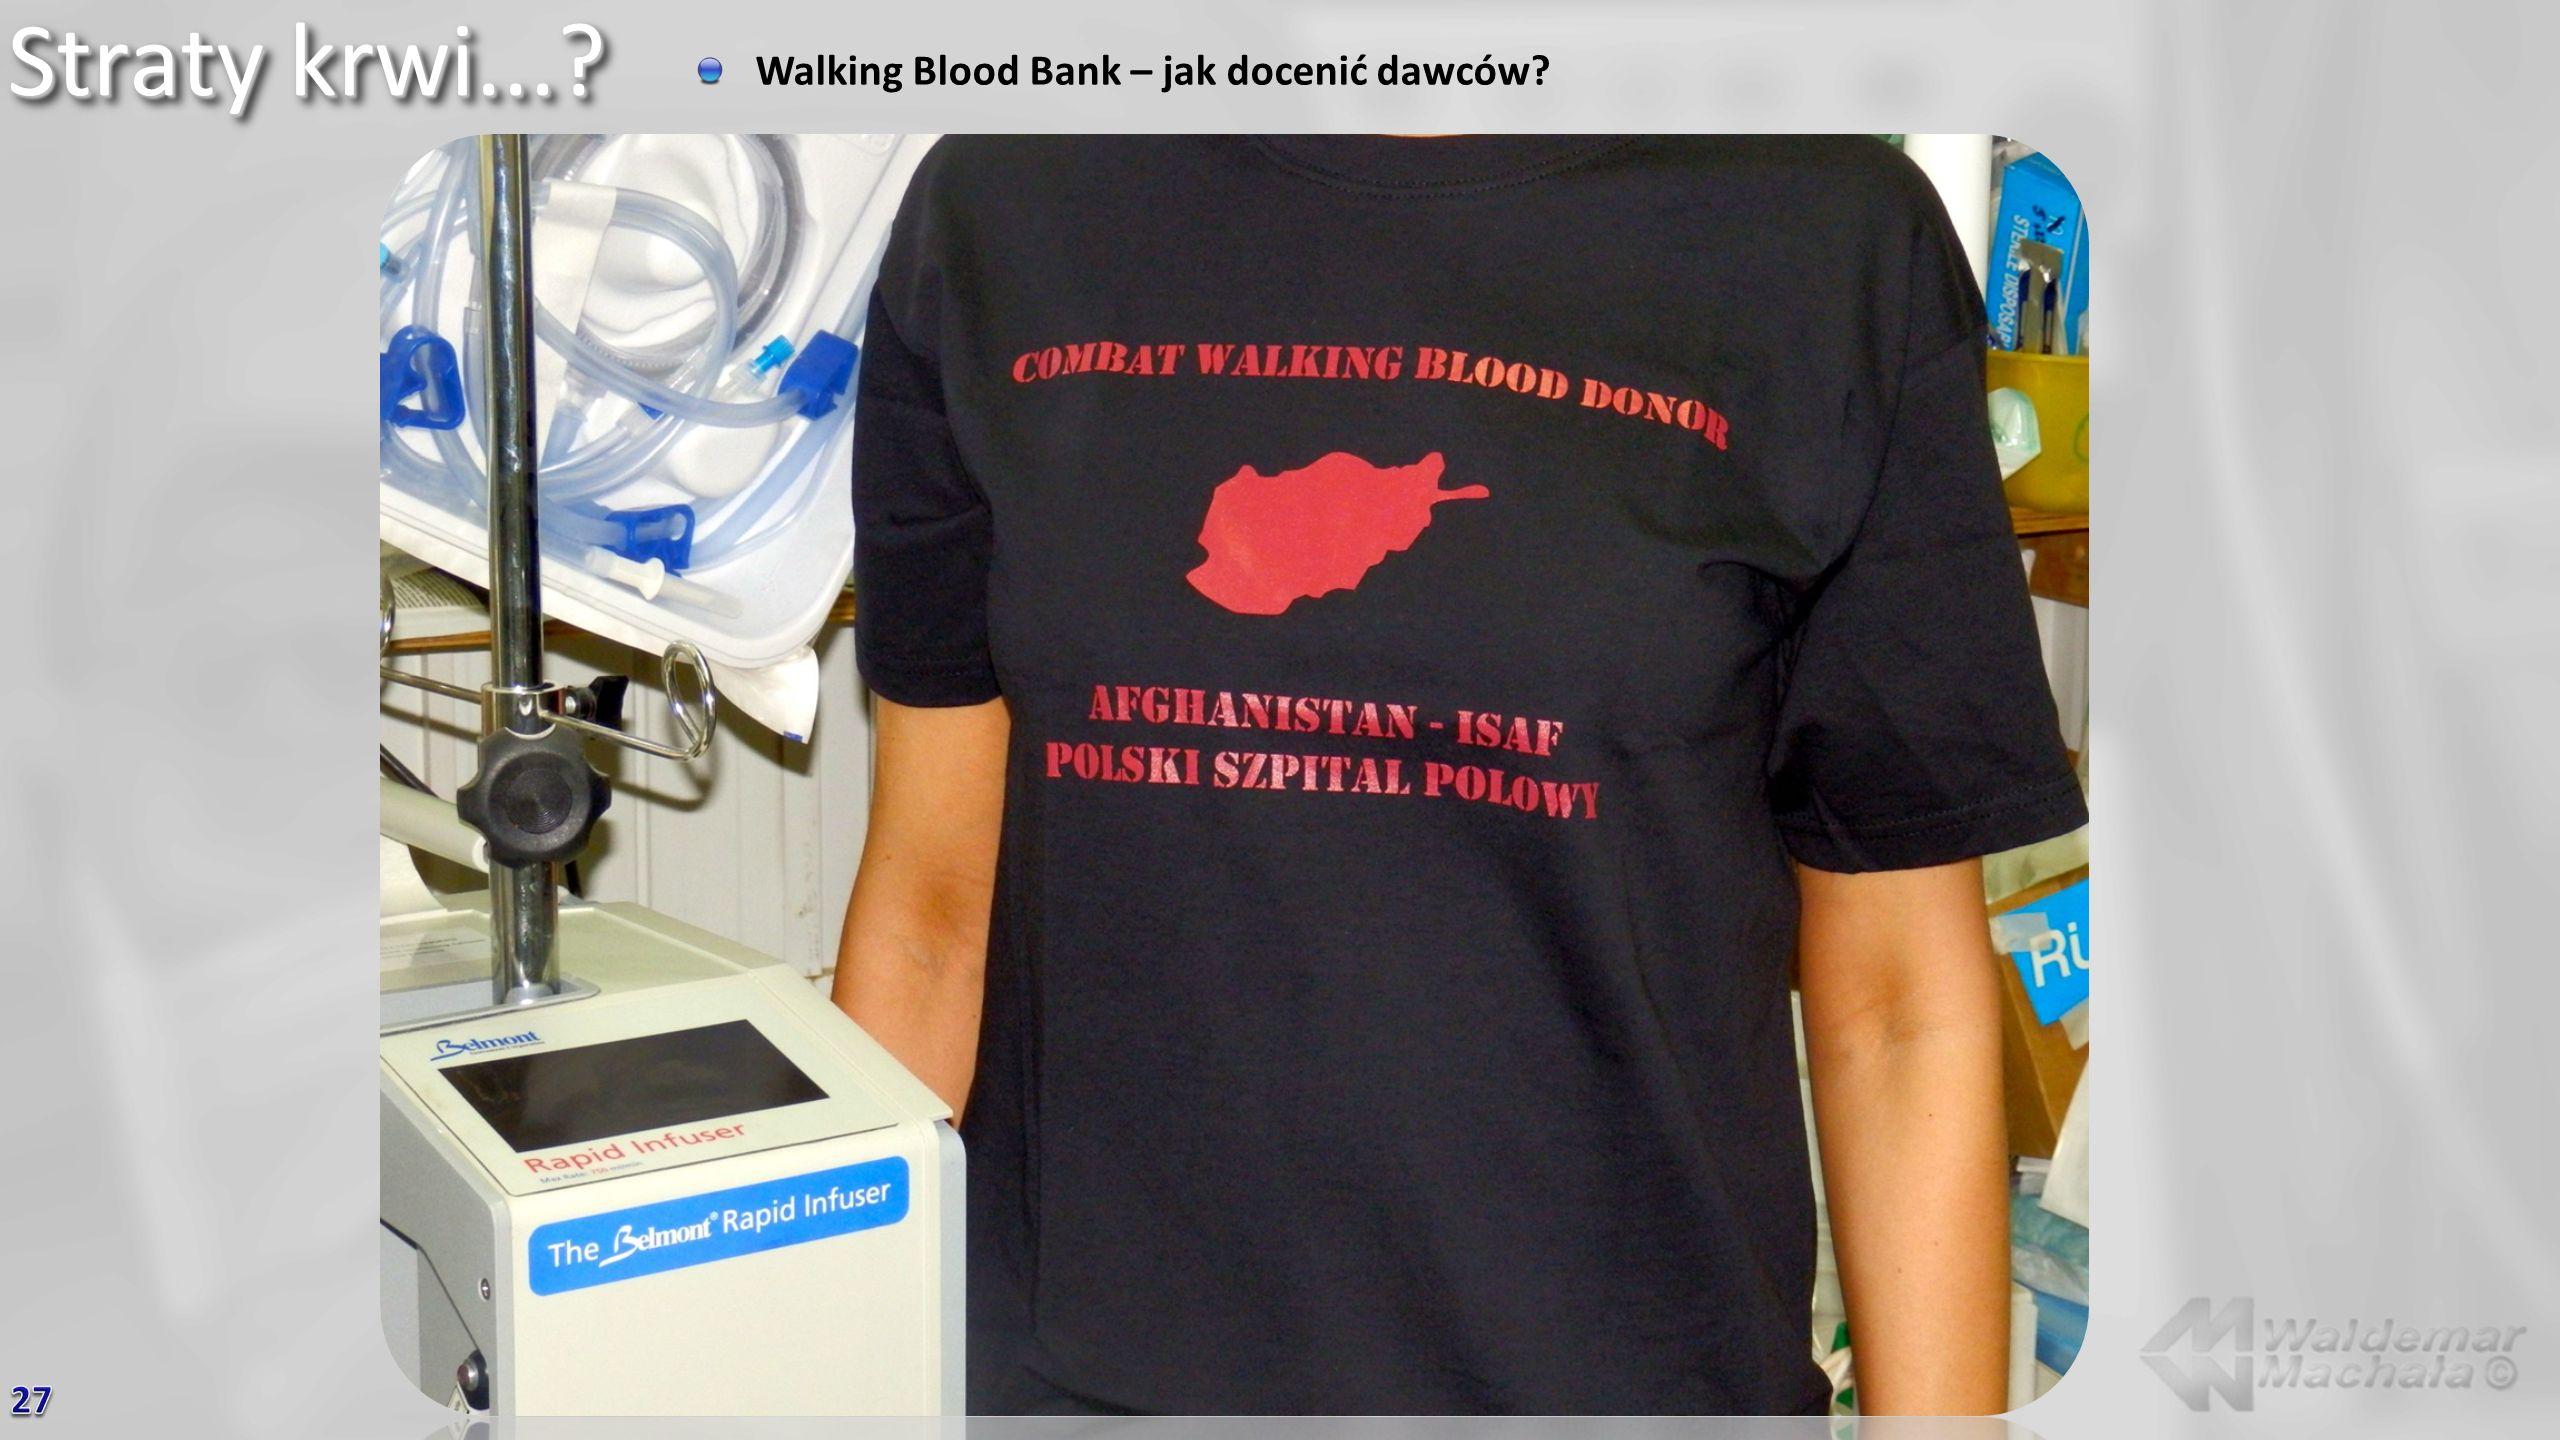 Straty krwi... Walking Blood Bank – jak docenić dawców 27